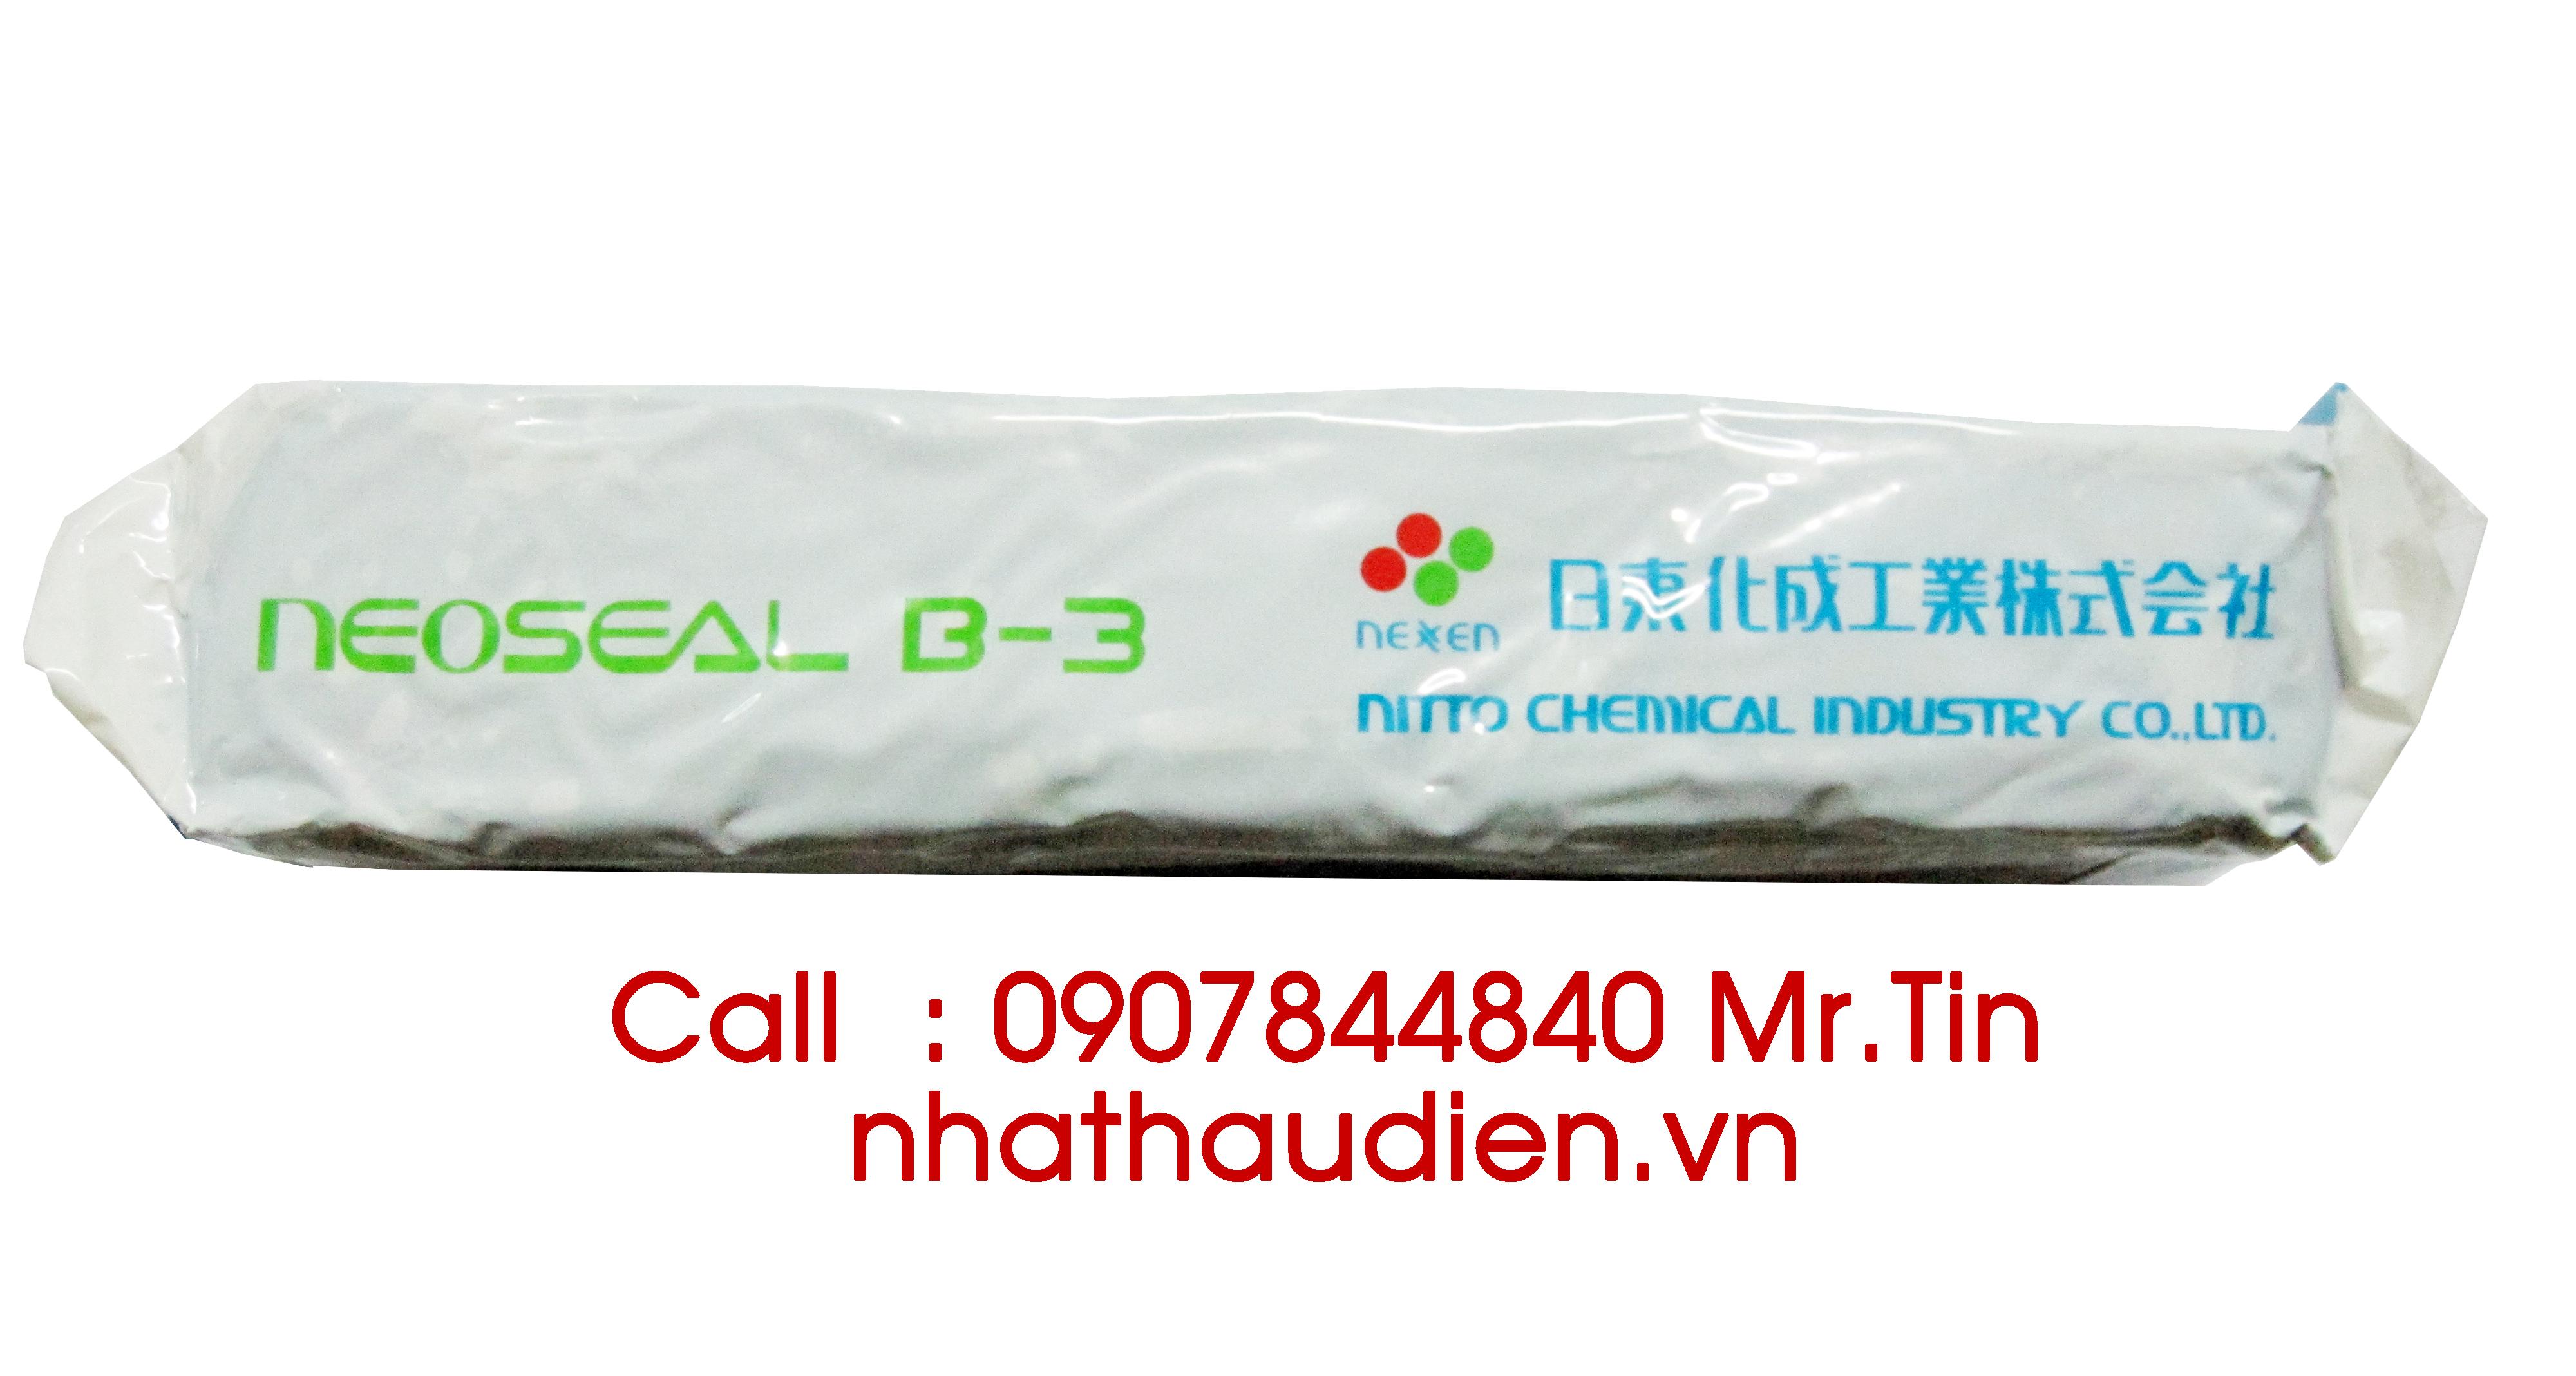 neoseal-b3